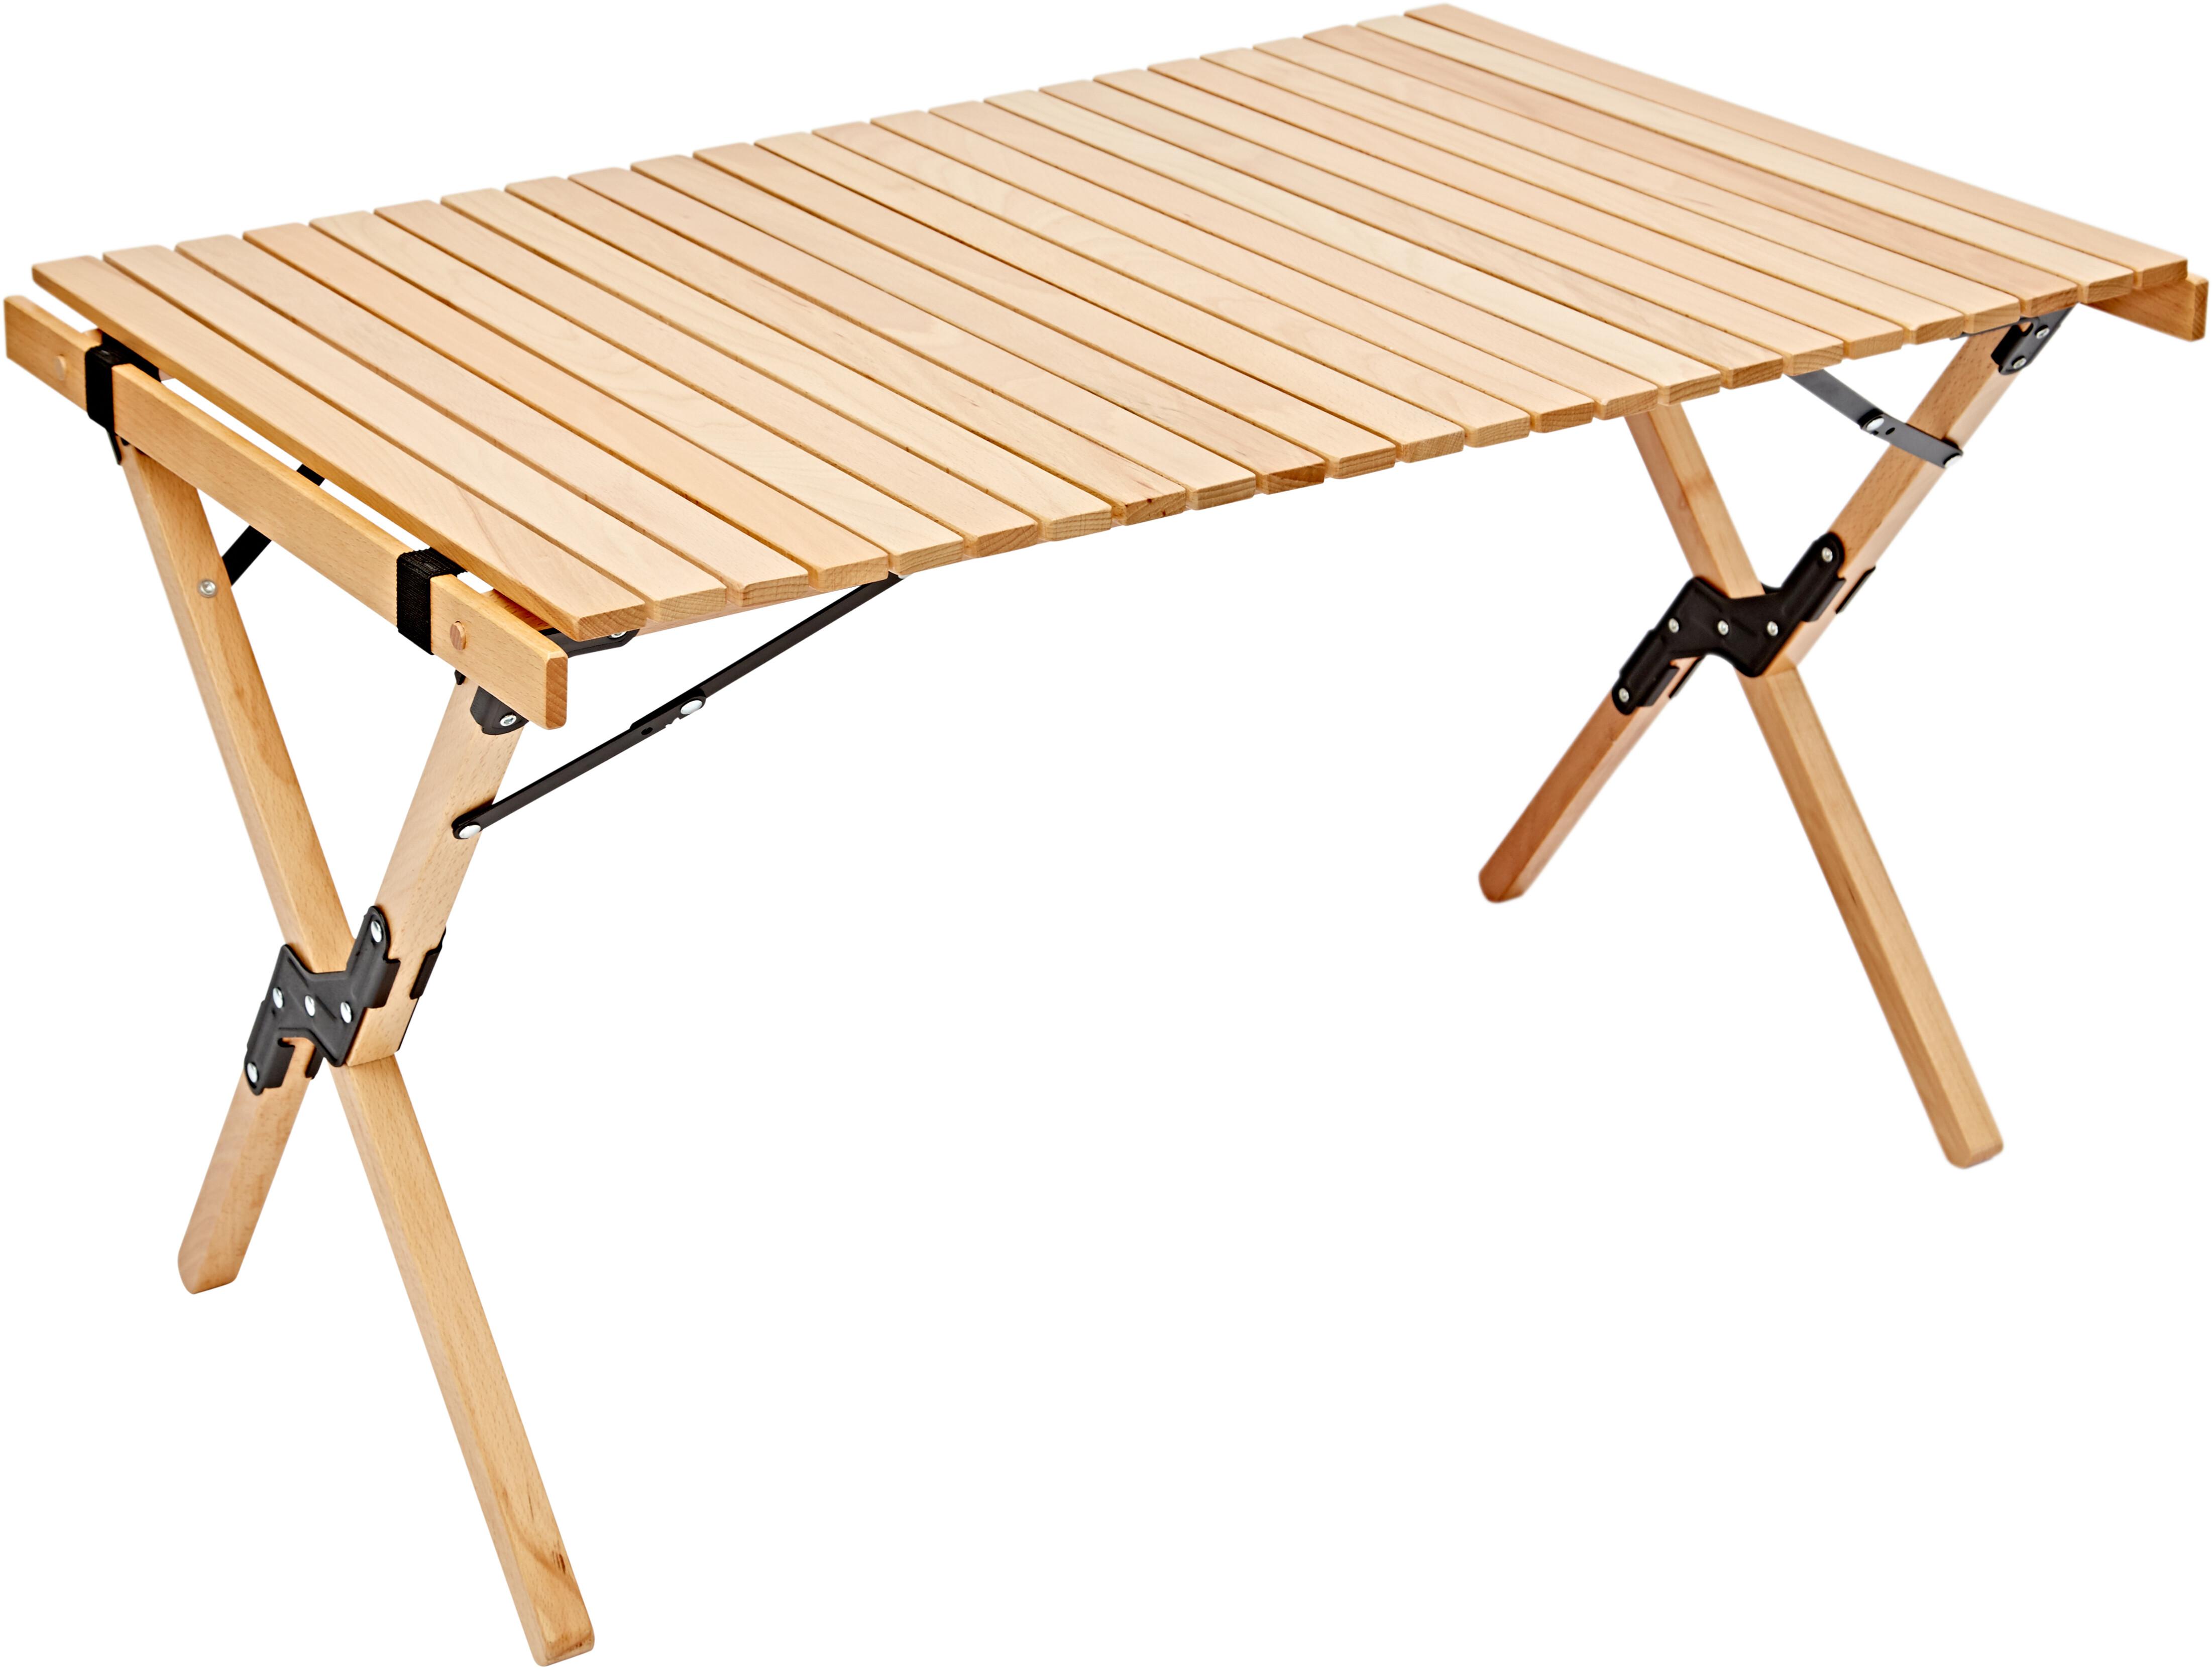 Tavolo Pieghevole Di Legno.Campz Tavolo Pieghevole In Legno Di Faggio 90x60x53cm Brown Su